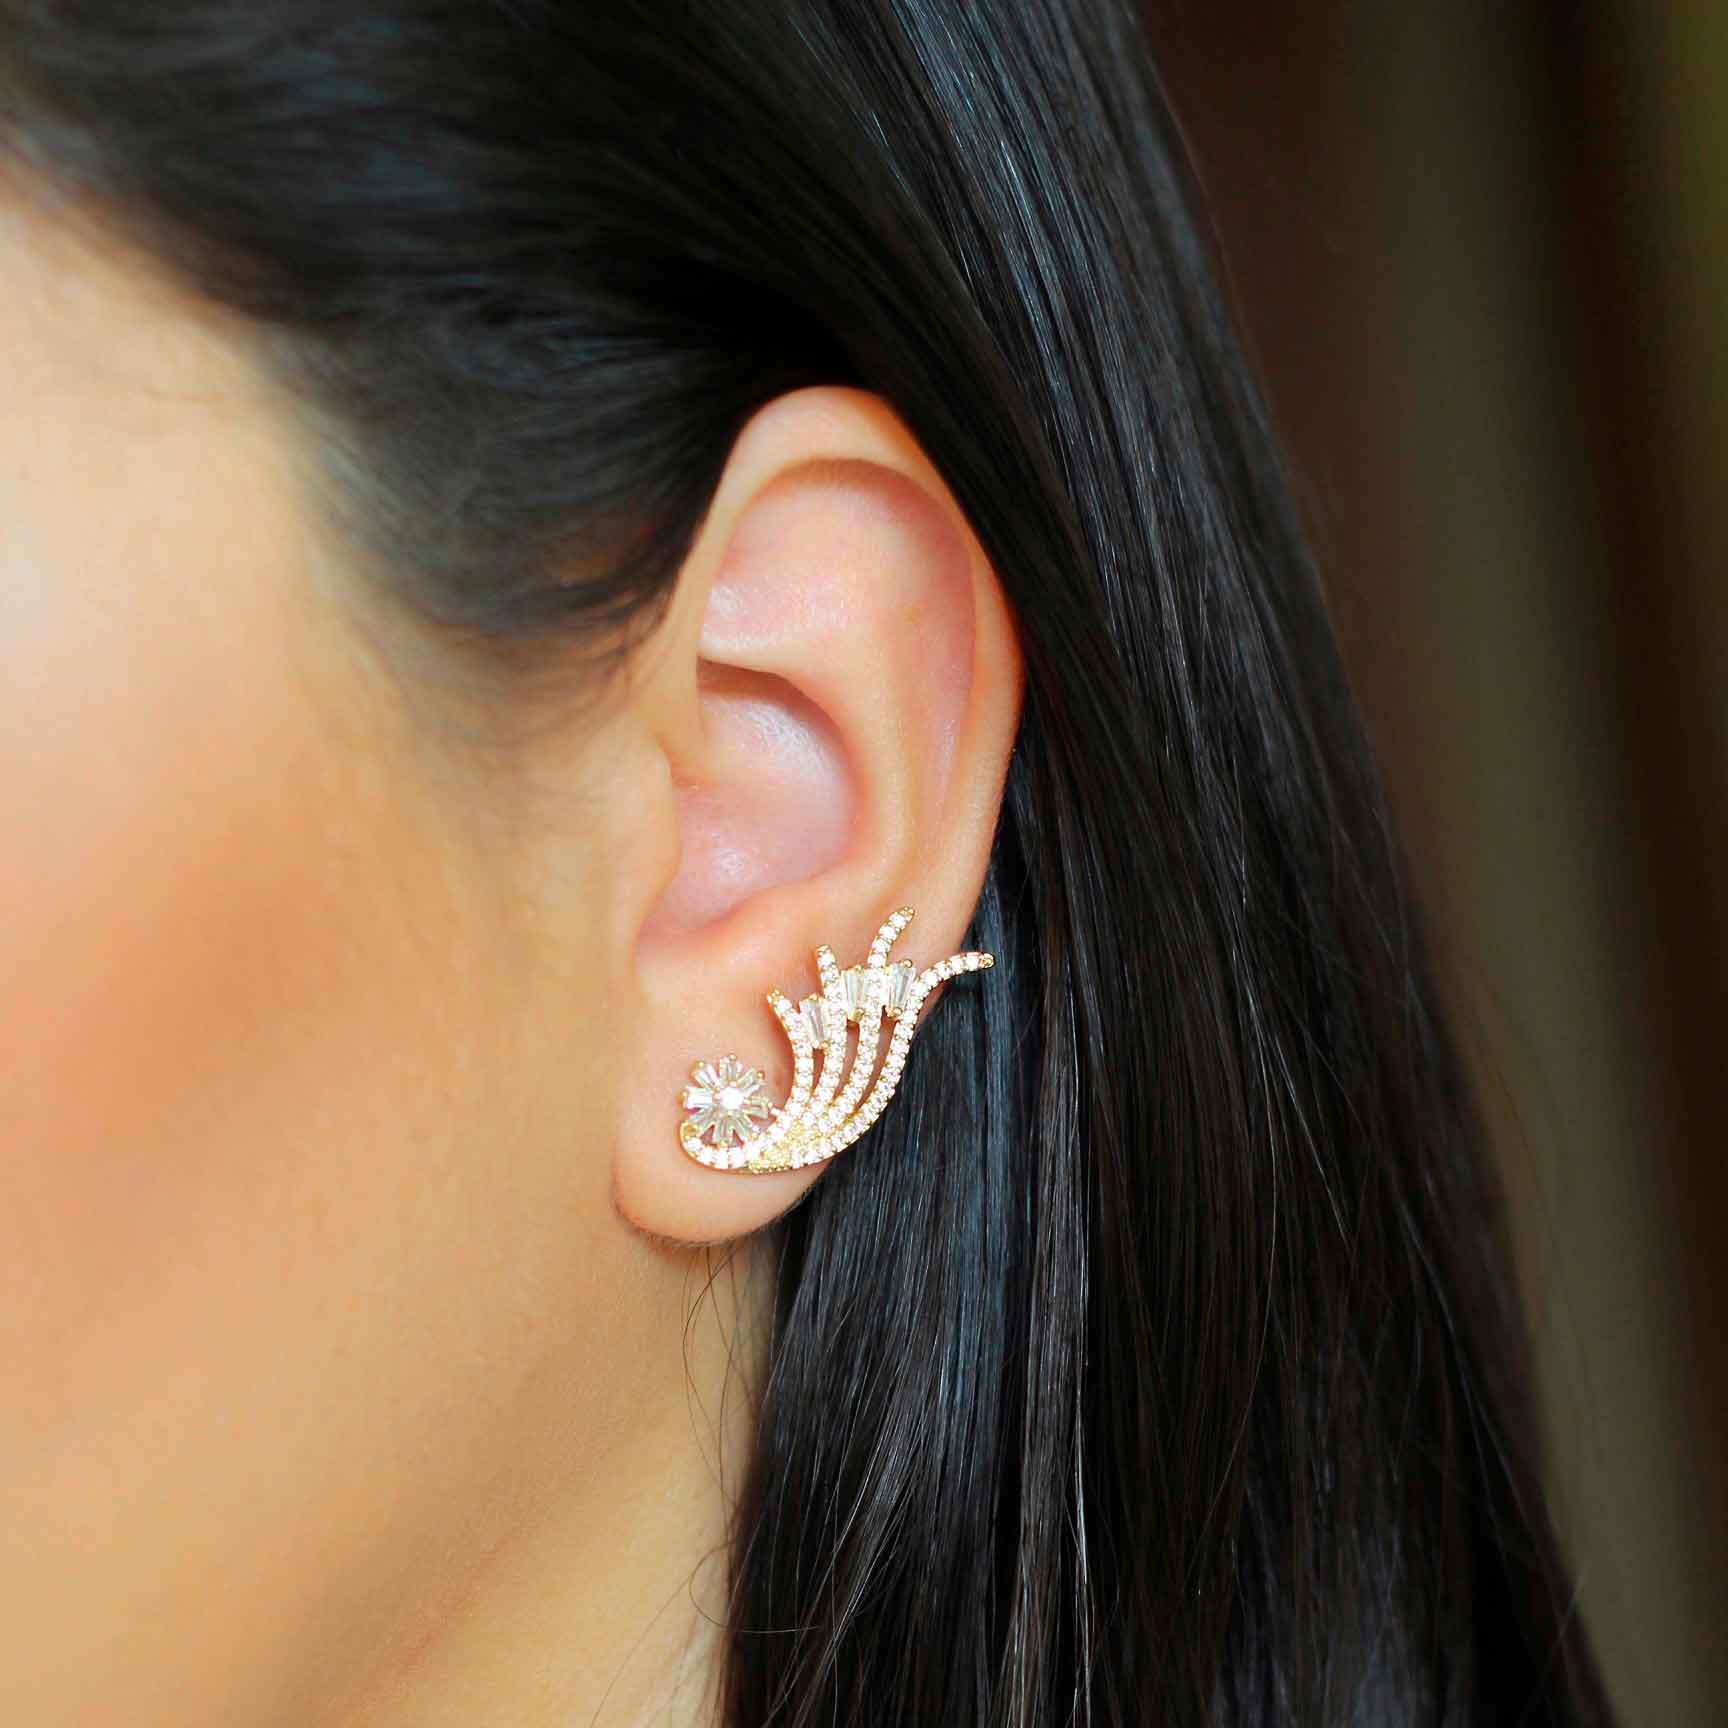 Brinco Ear Cuff Asas com Detalhes em Zircônias Folheado a Ouro 18K